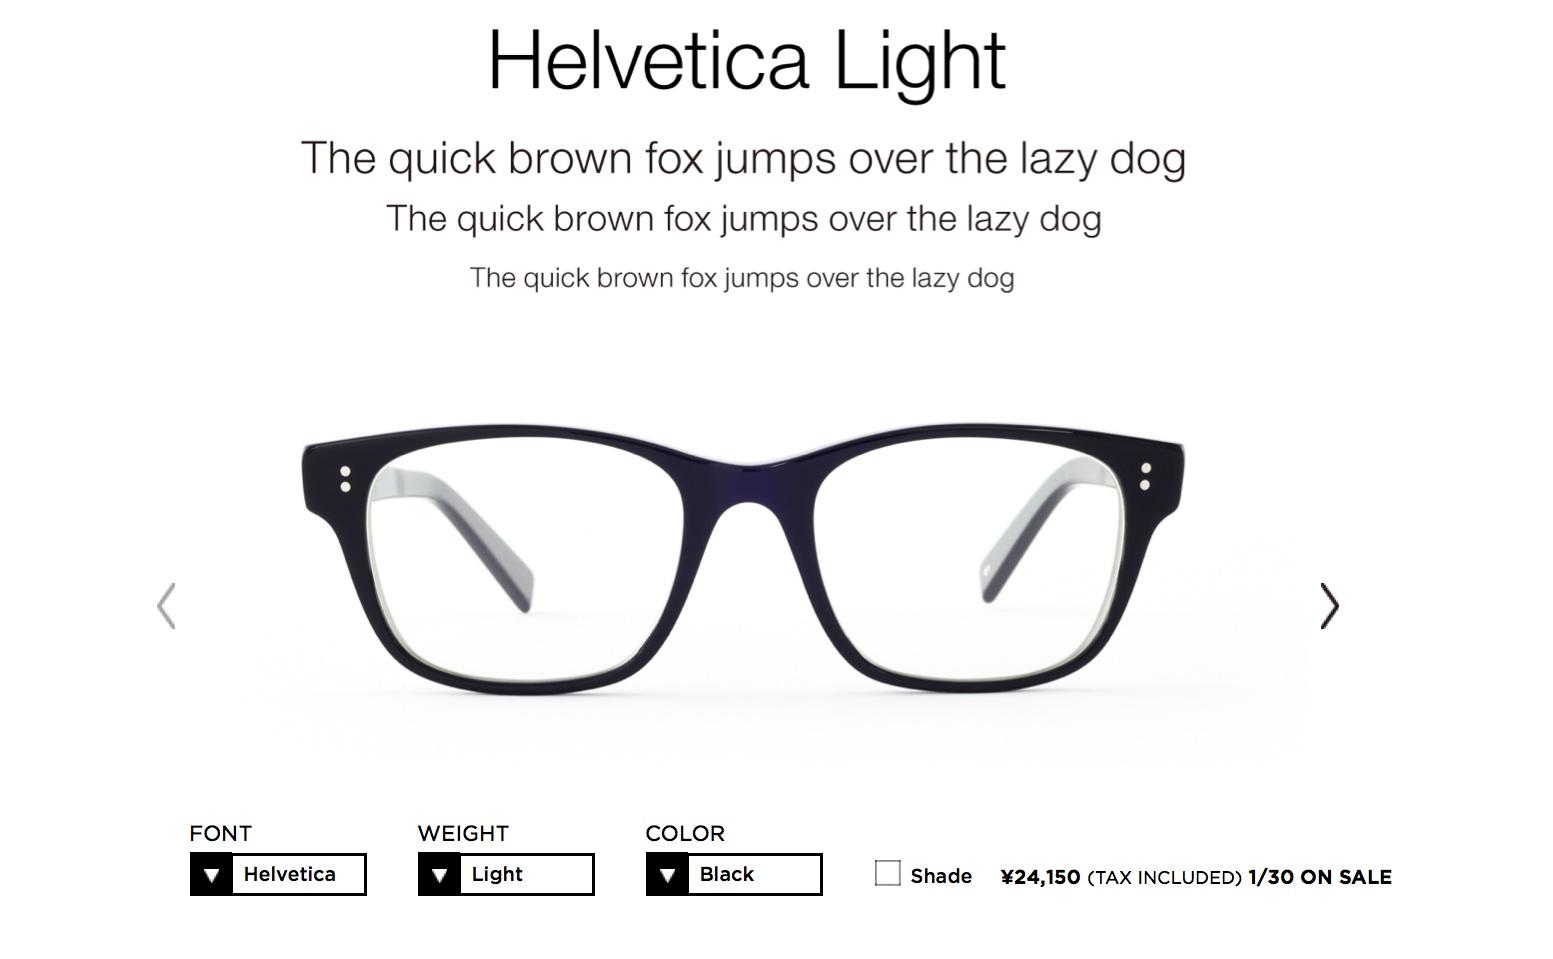 Einmal Helvetica light für auf die Nase, bitte  – Oh, Textzicke!